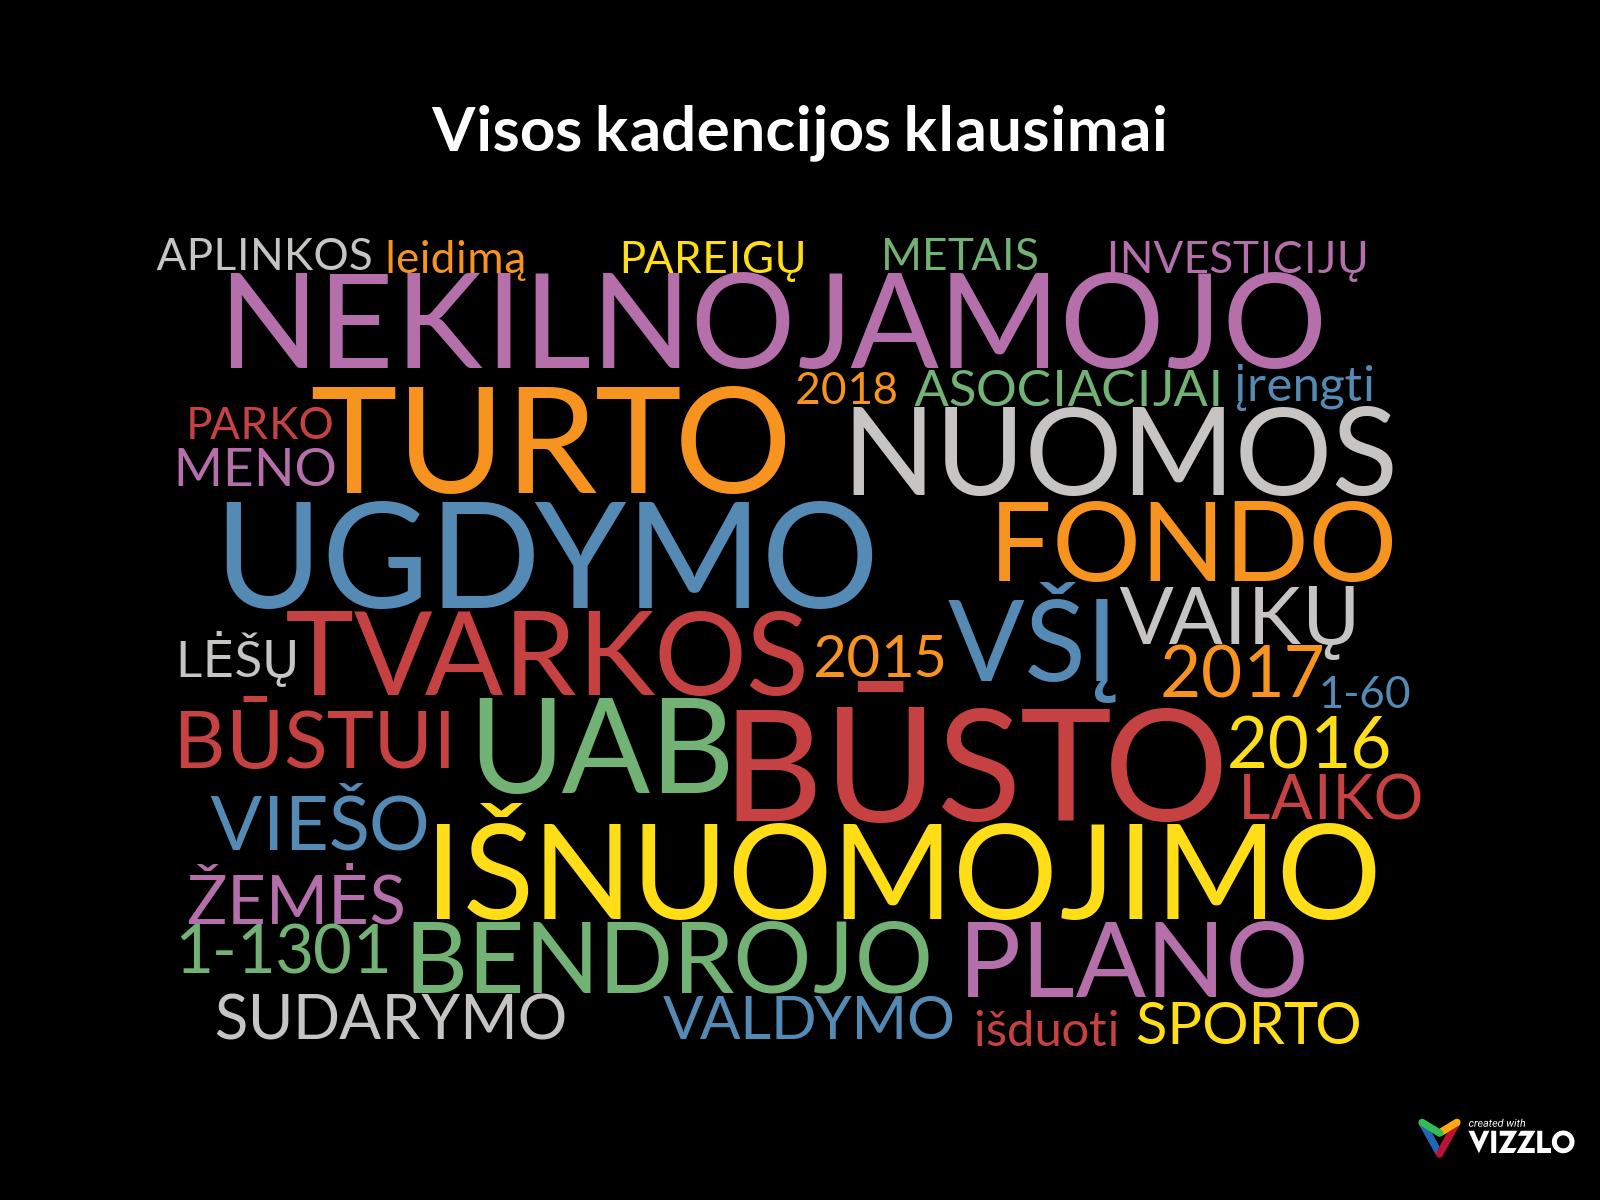 Praėjusios Vilniaus tarybos kadencijos klausimai. Schema #56